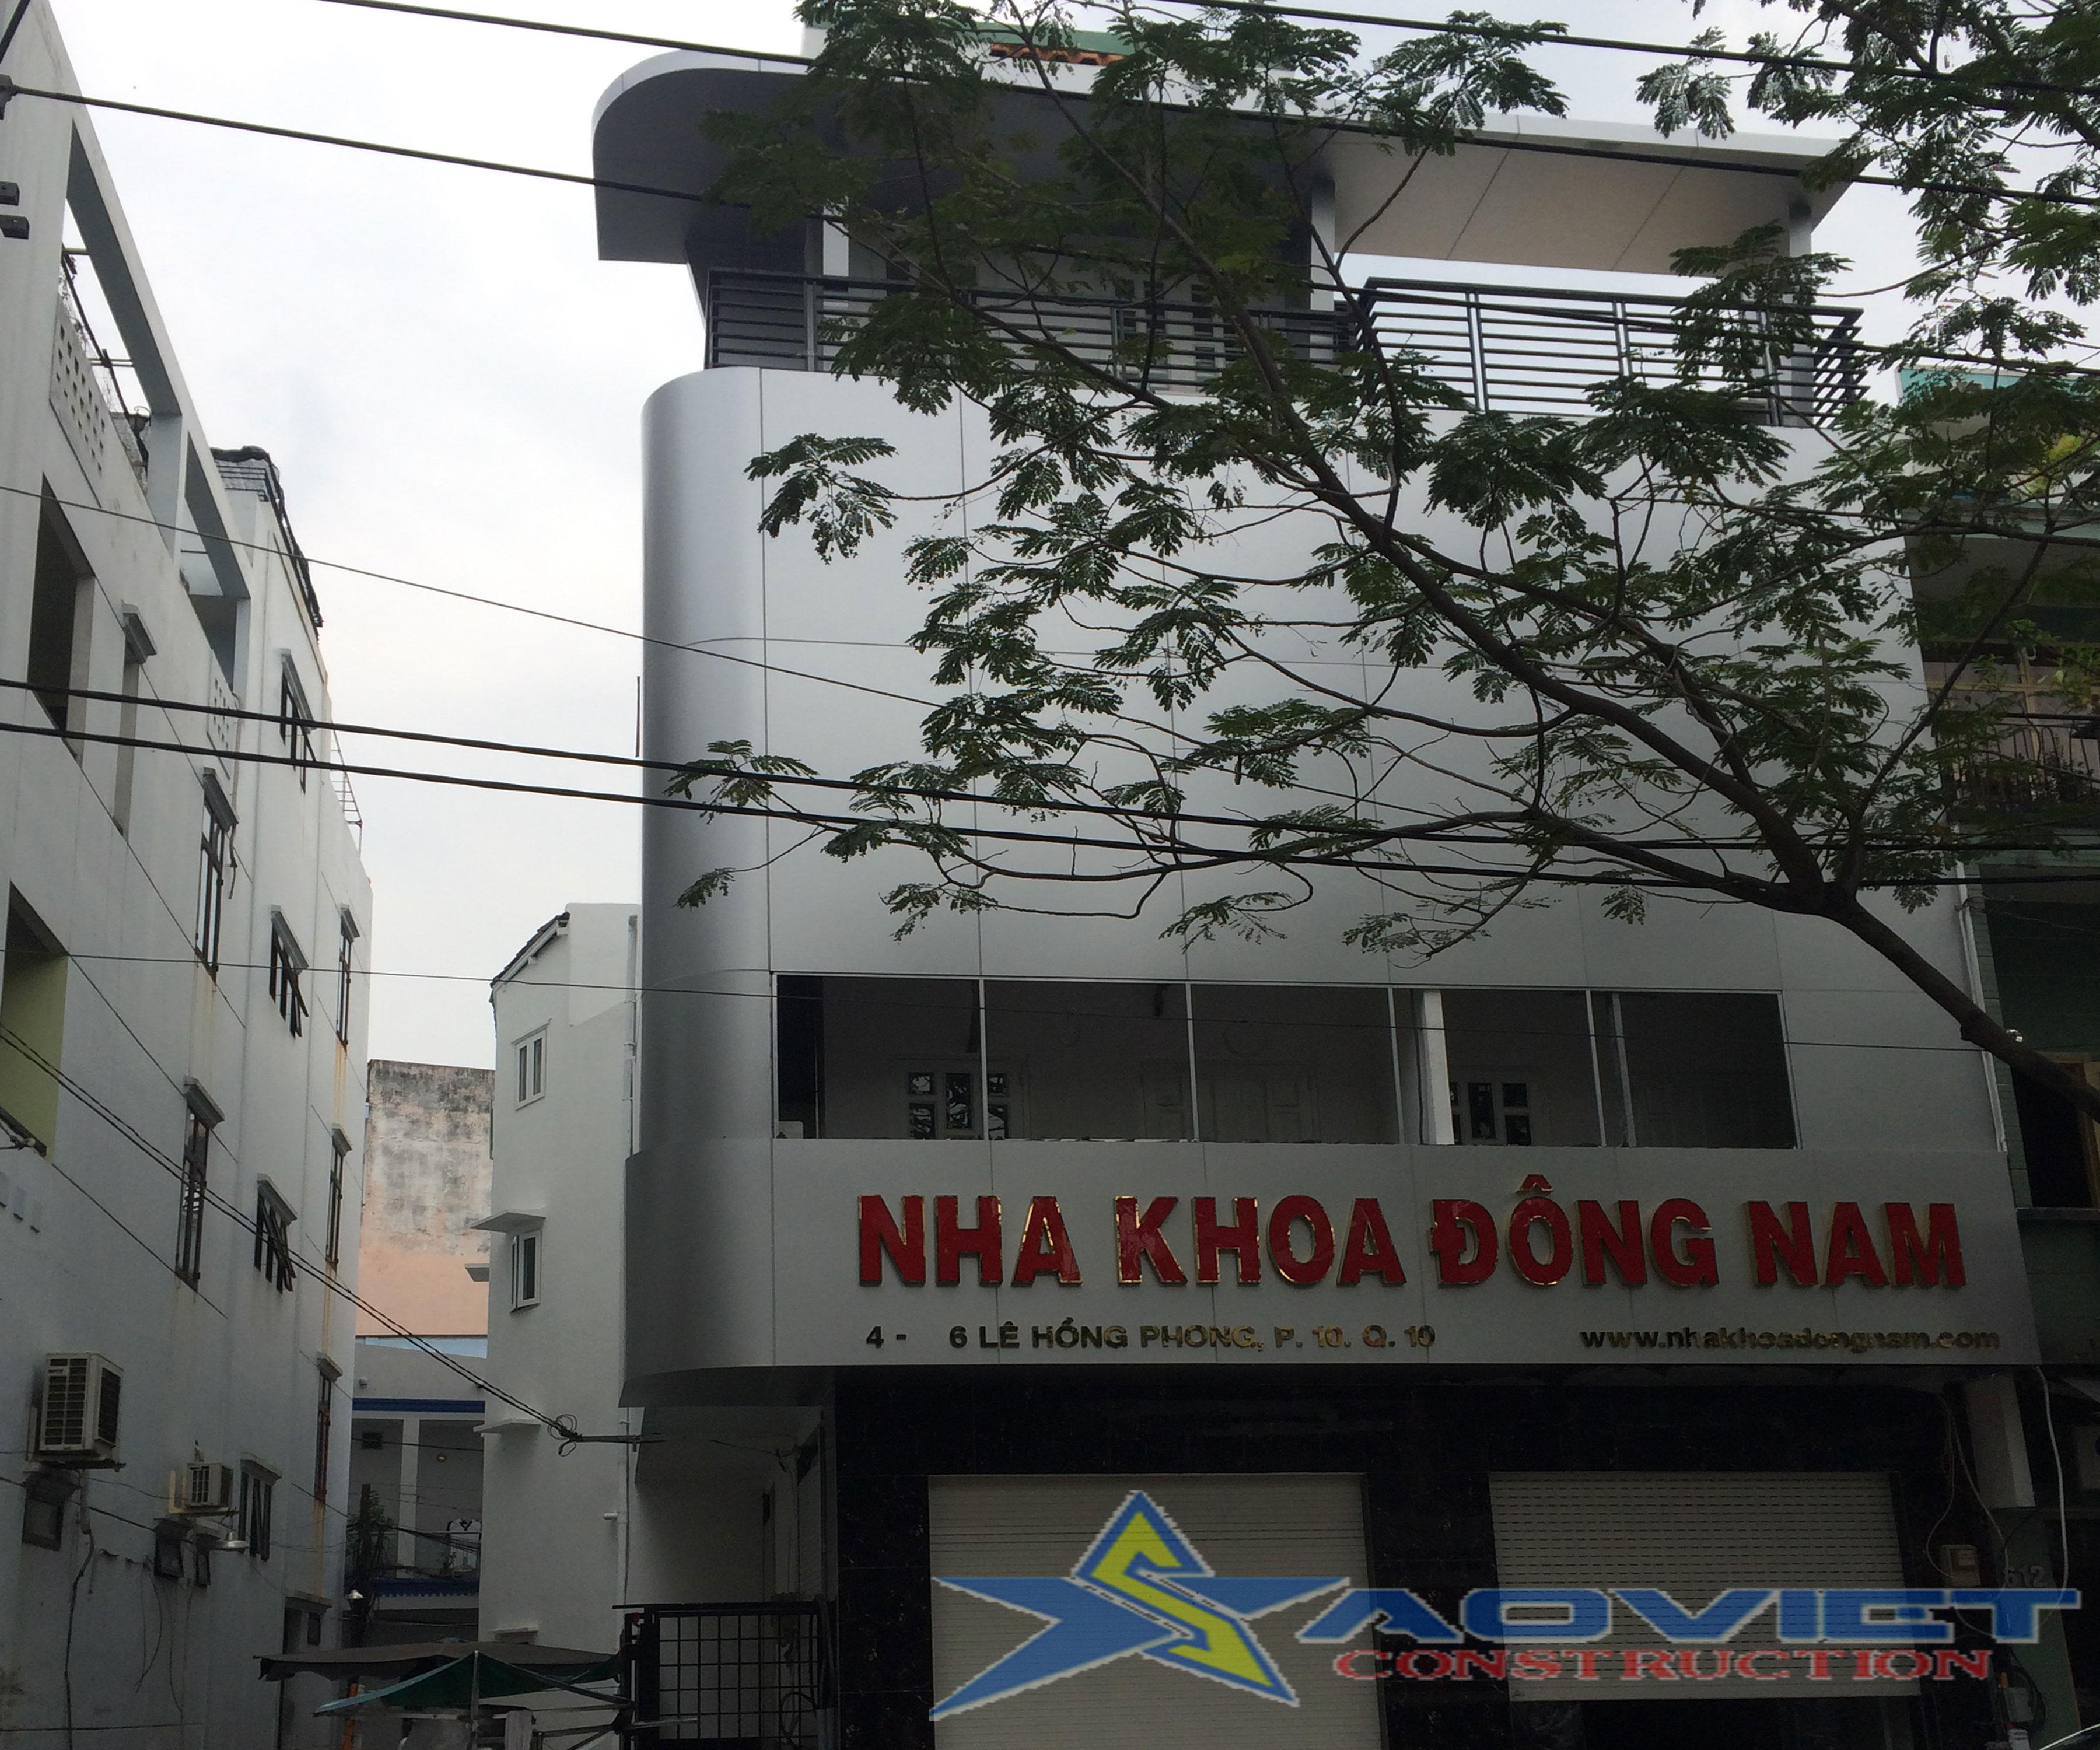 Tu sửa Nha khoa Đông Nam - Công trình đẹp